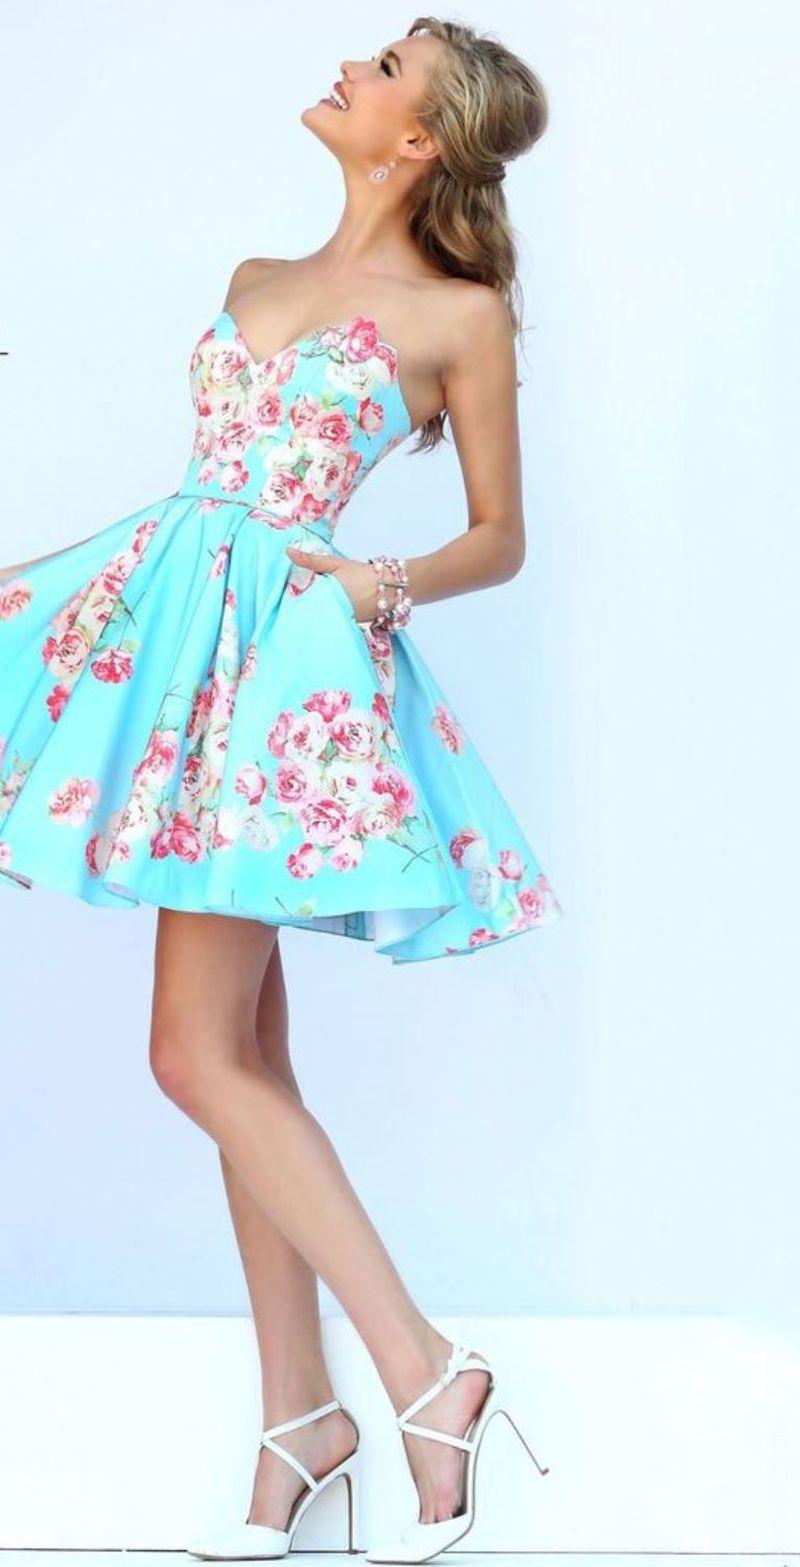 بالصور اجمل ملابس بنات الغير محجبات المراهقات , موديلات للفتيات البالغات 953 2